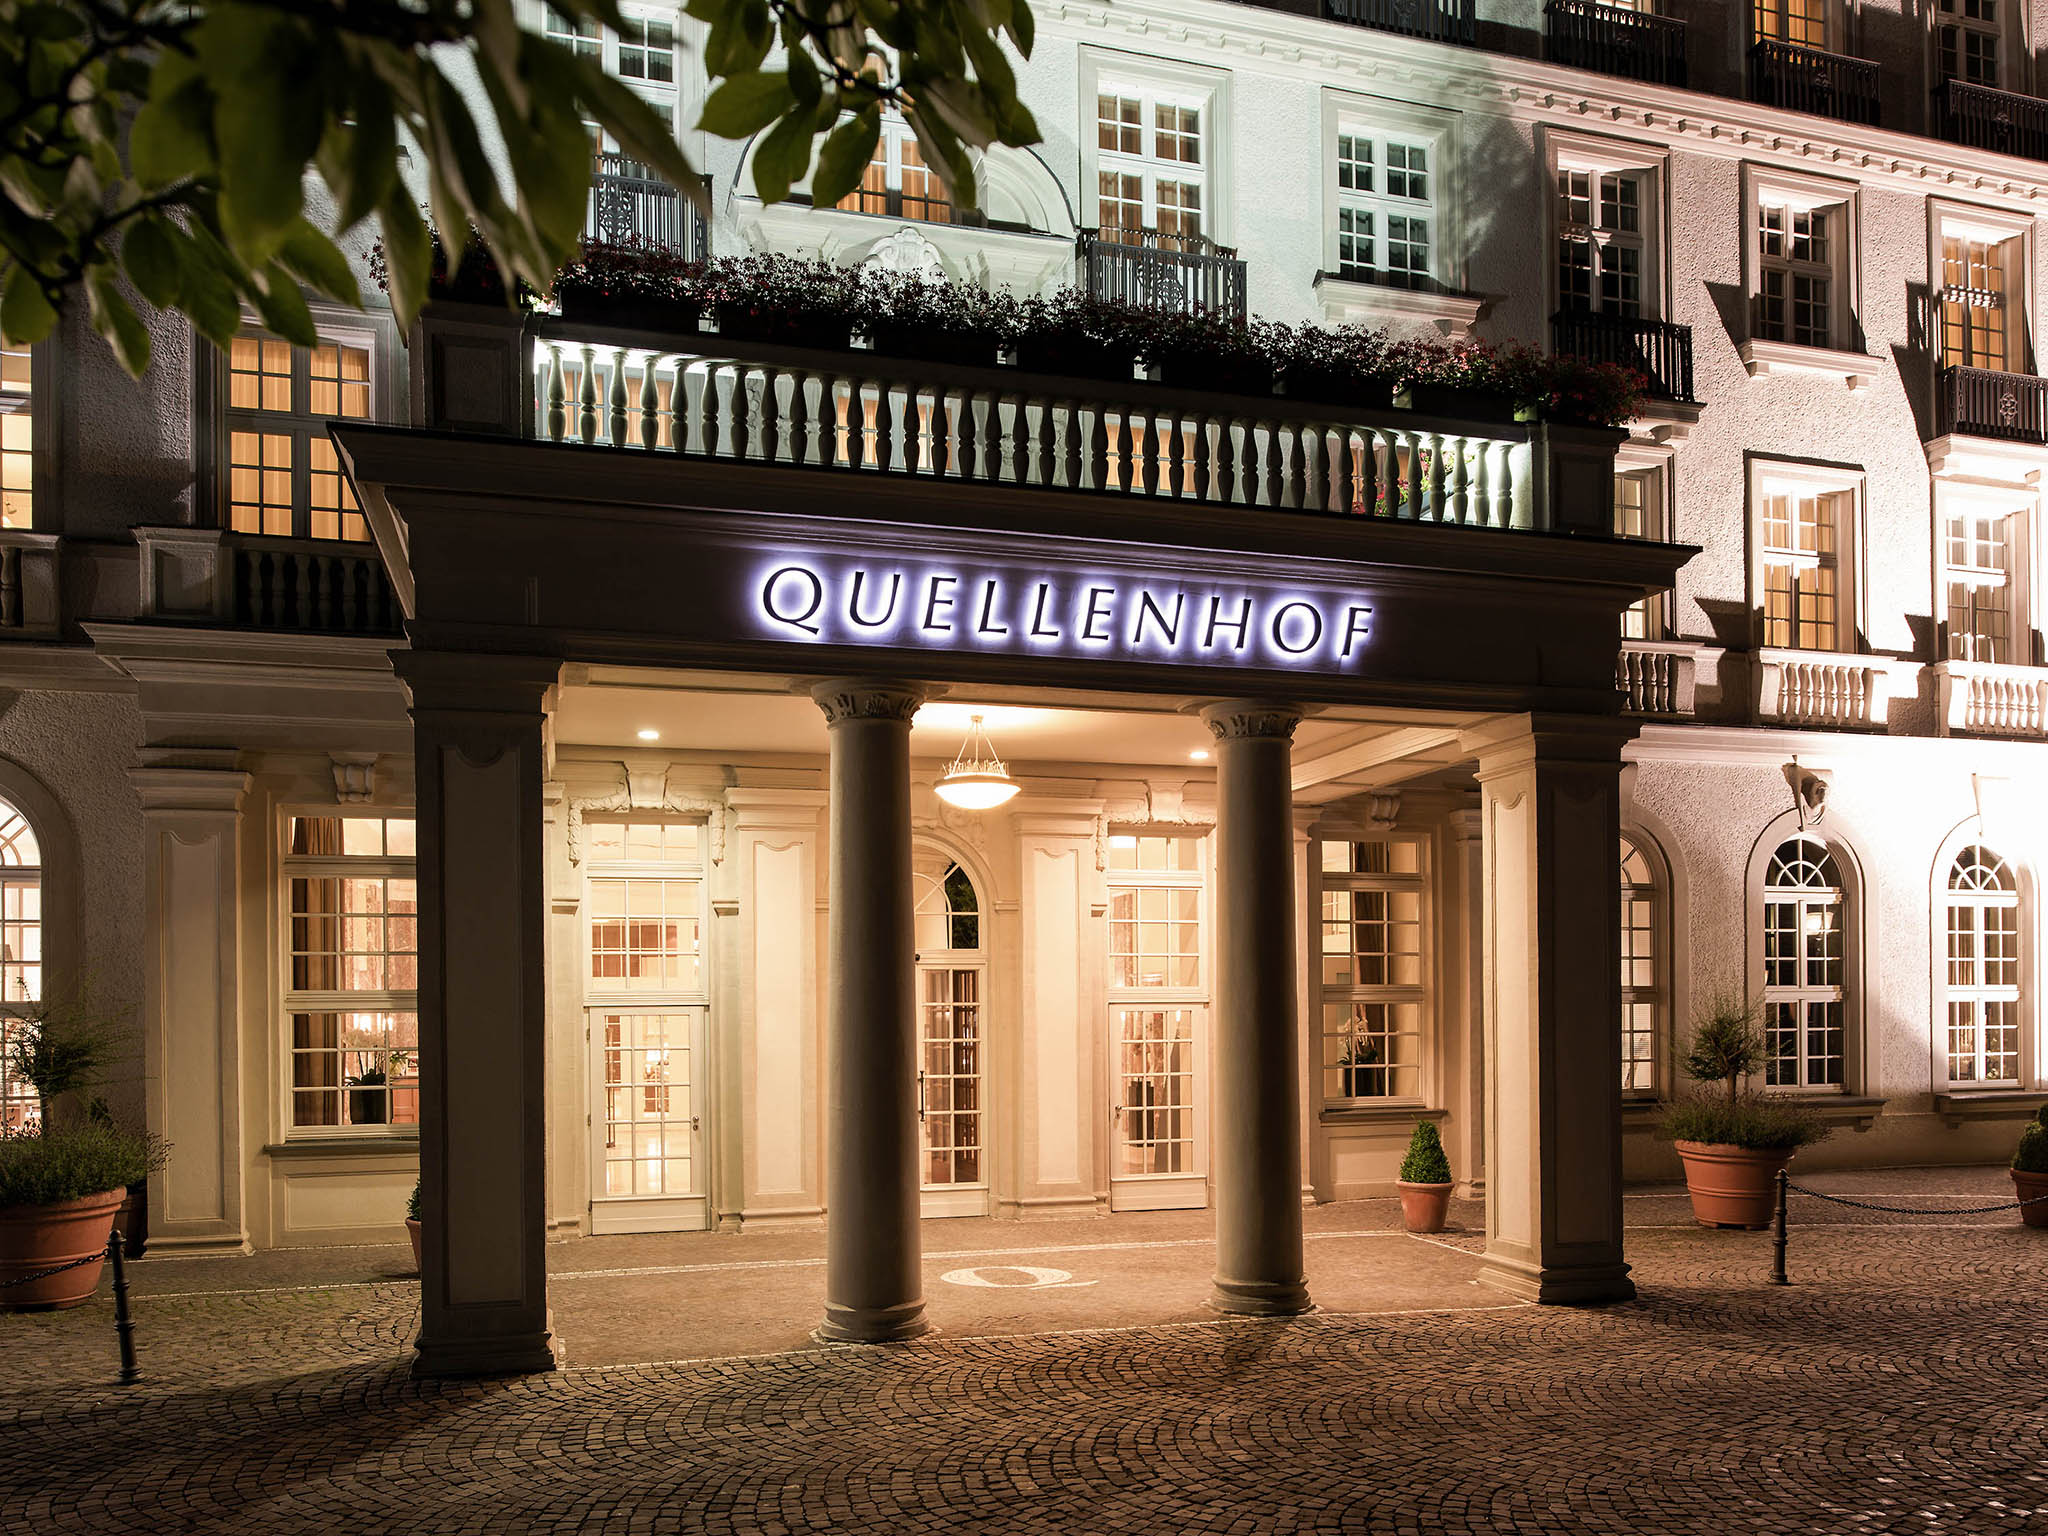 Hôtel - Pullman Aachen Quellenhof